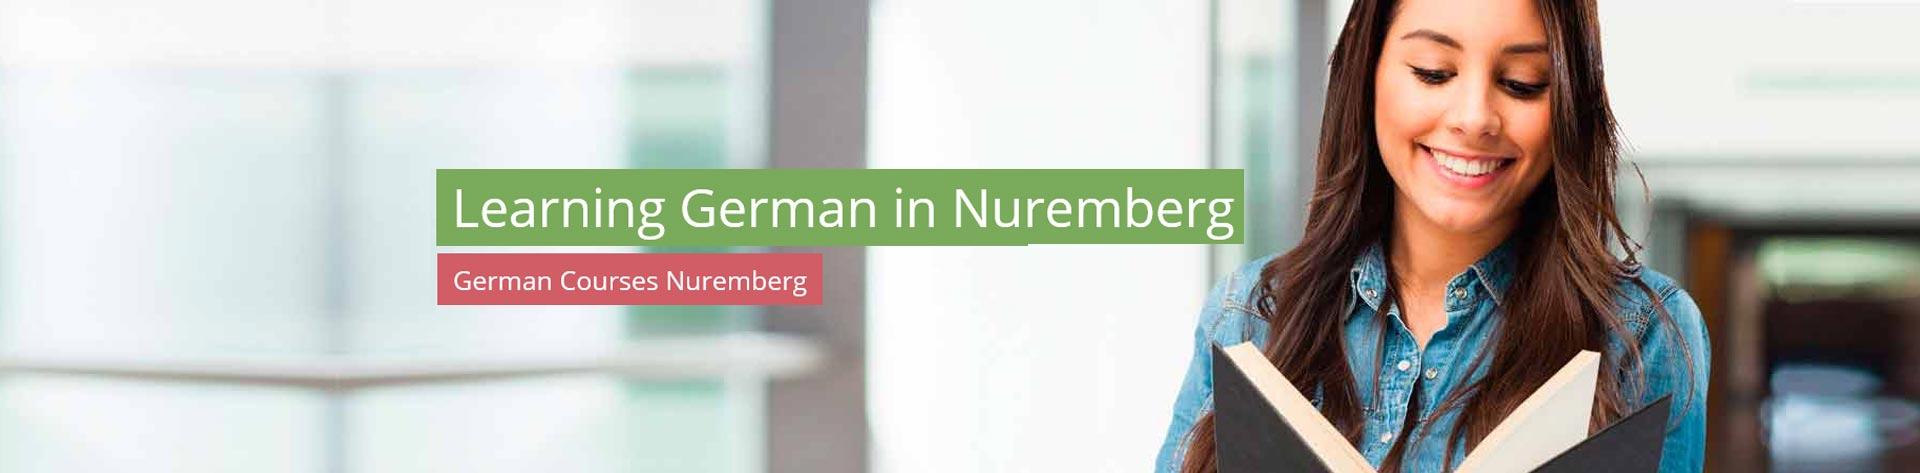 German Courses Nuremberg